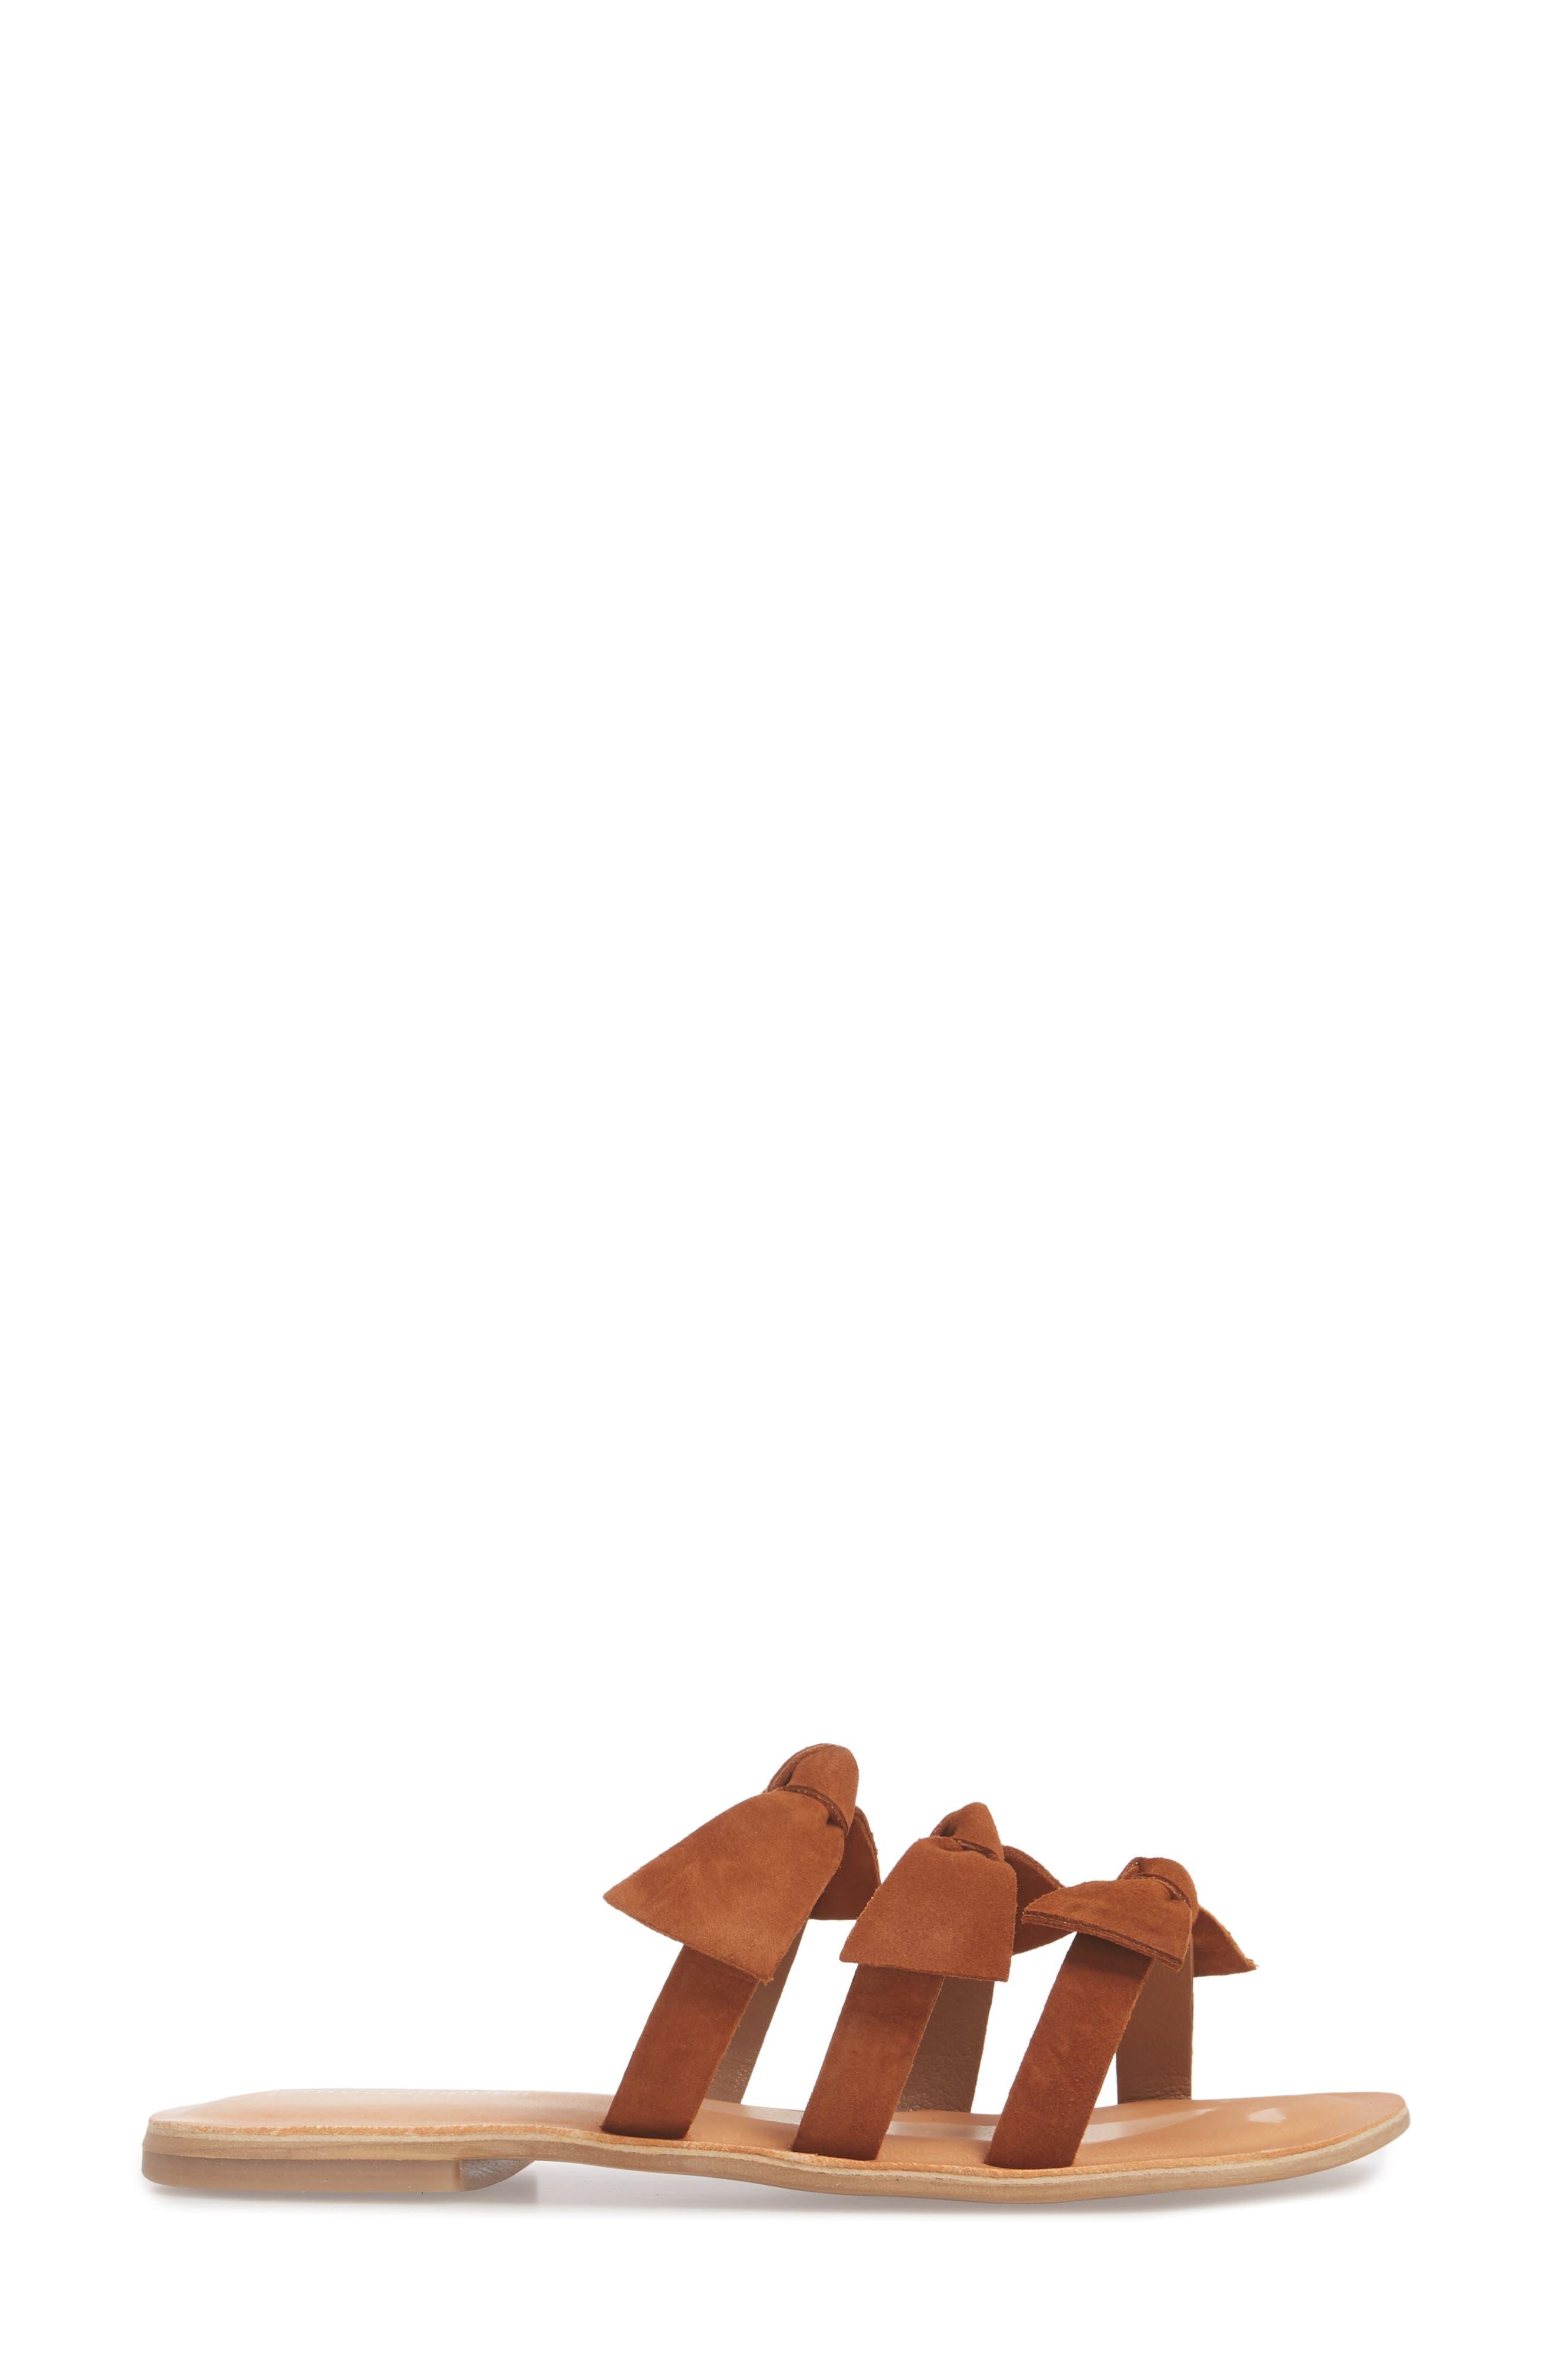 Atone Sandal,                             Alternate thumbnail 12, color,